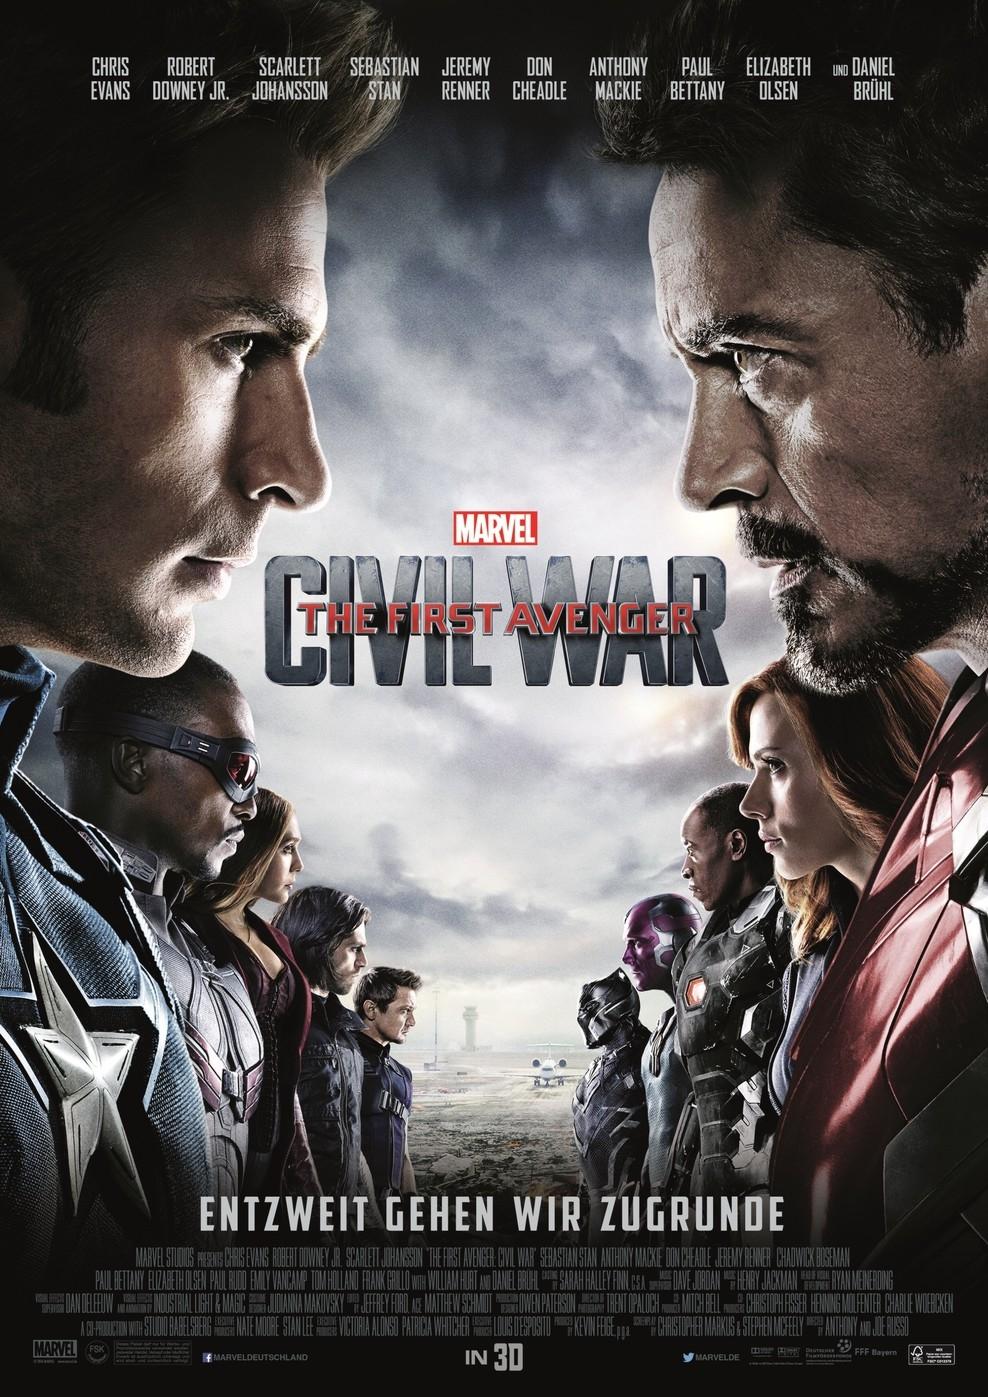 The First Avenger: Civil War (Poster)